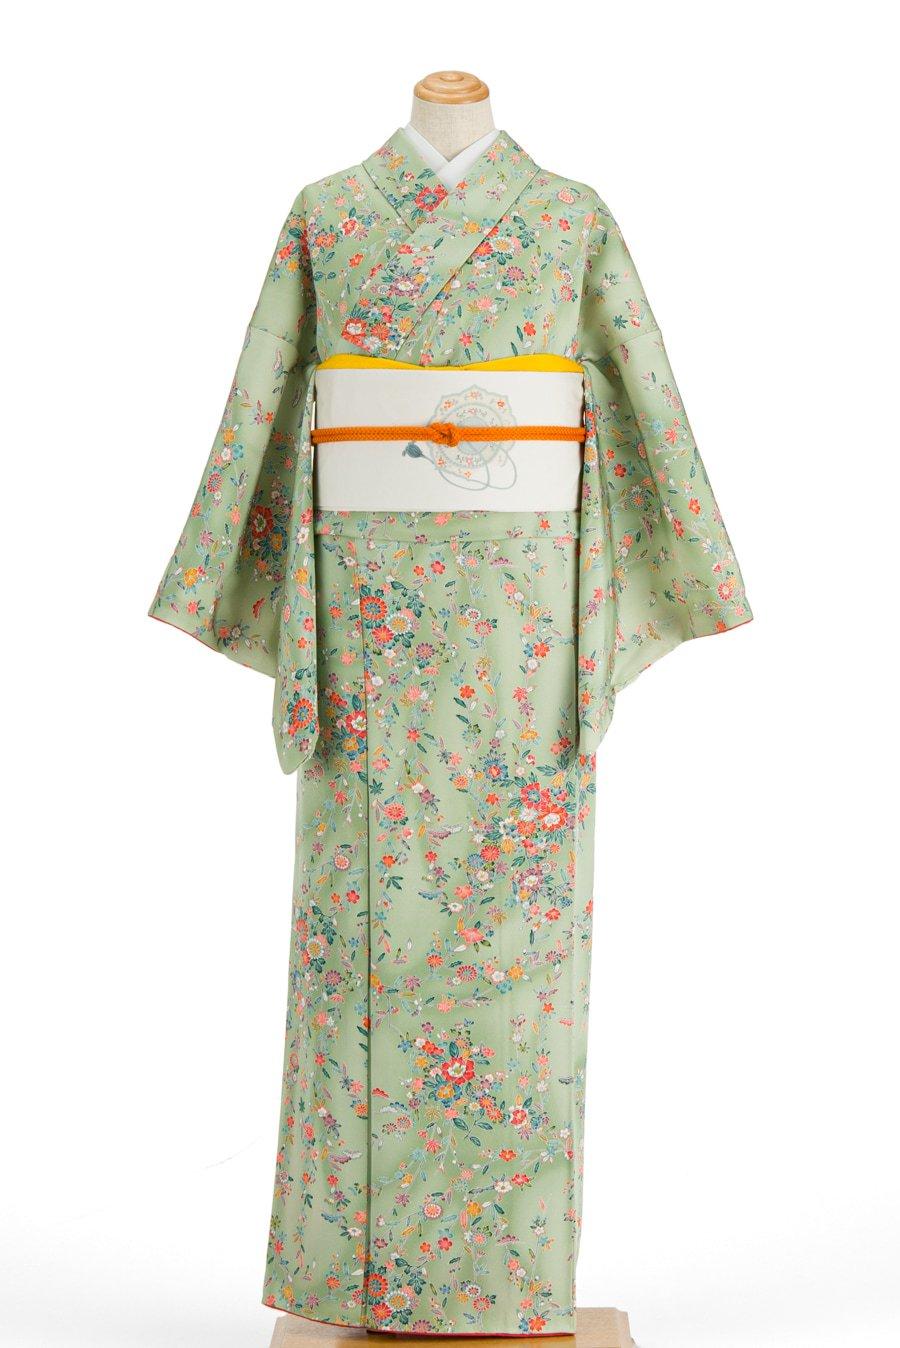 「緑暈しに牡丹 菊 梅など」の商品画像